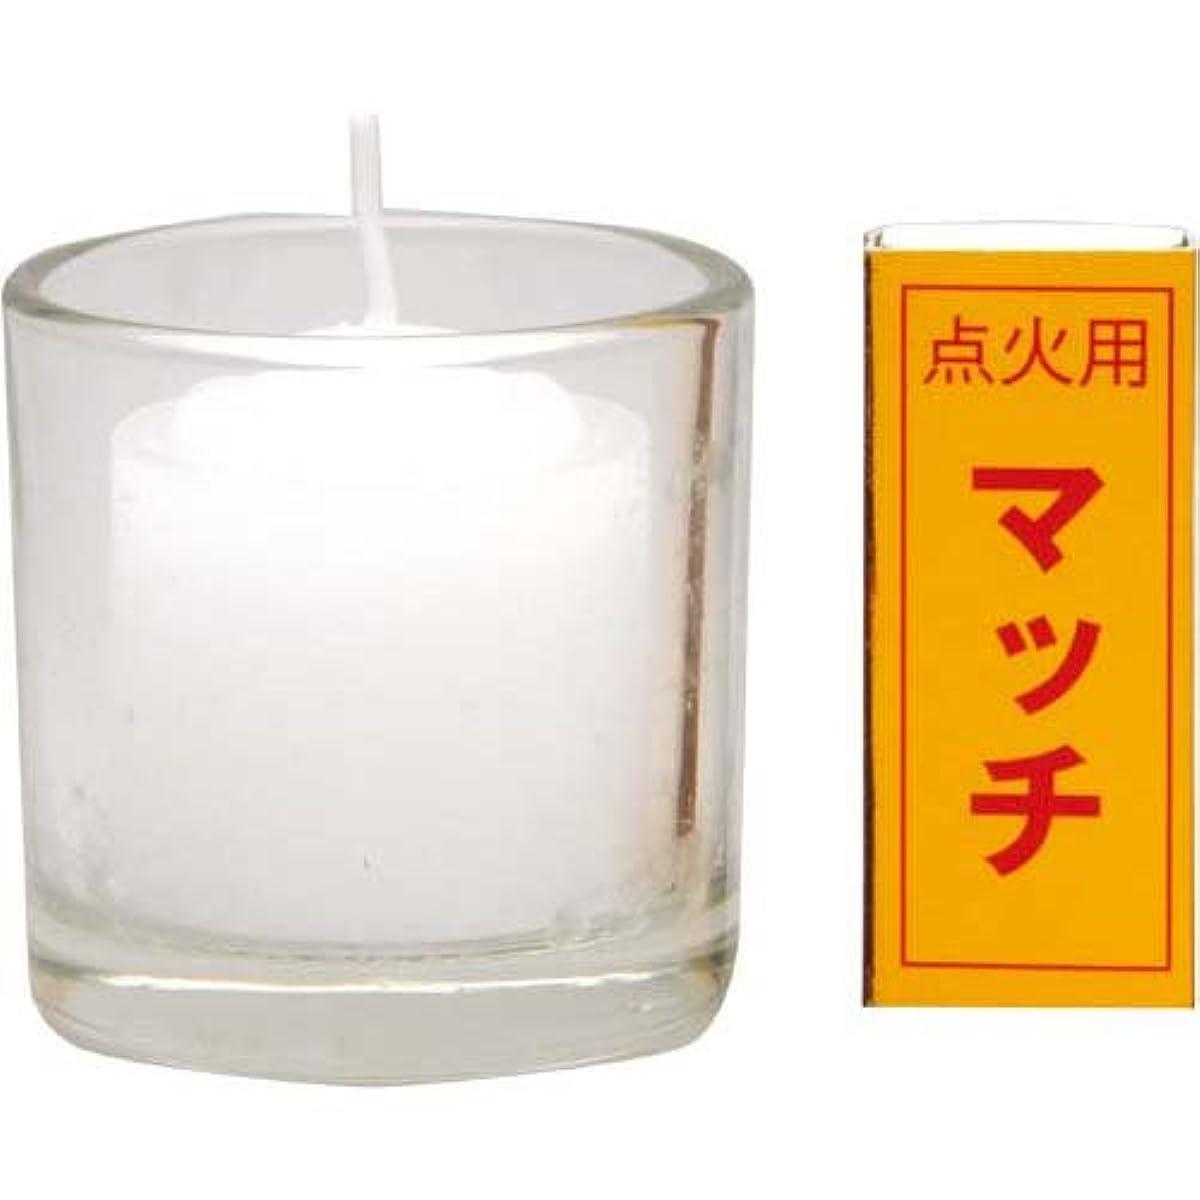 温帯ゲインセイ大破コップローソク 1個入(マッチ付)